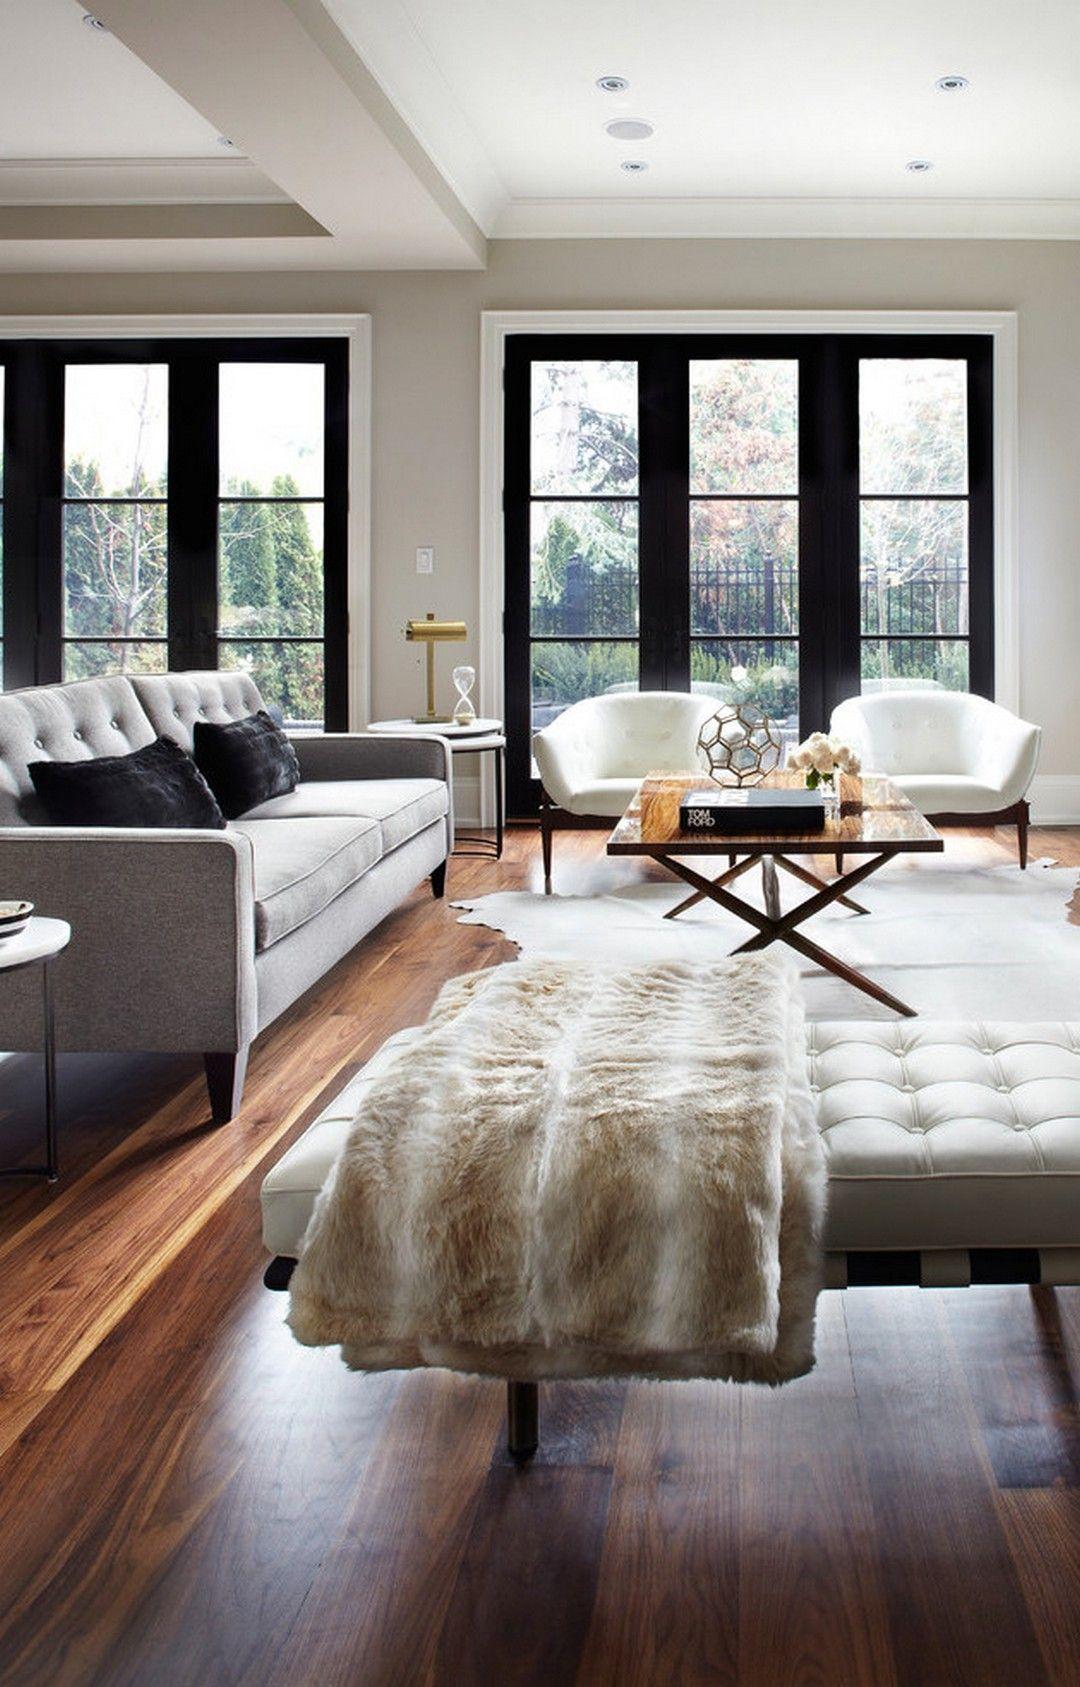 Pin von hugh jardon auf abode pinterest wohnzimmer - Innenausstattung wohnzimmer ...